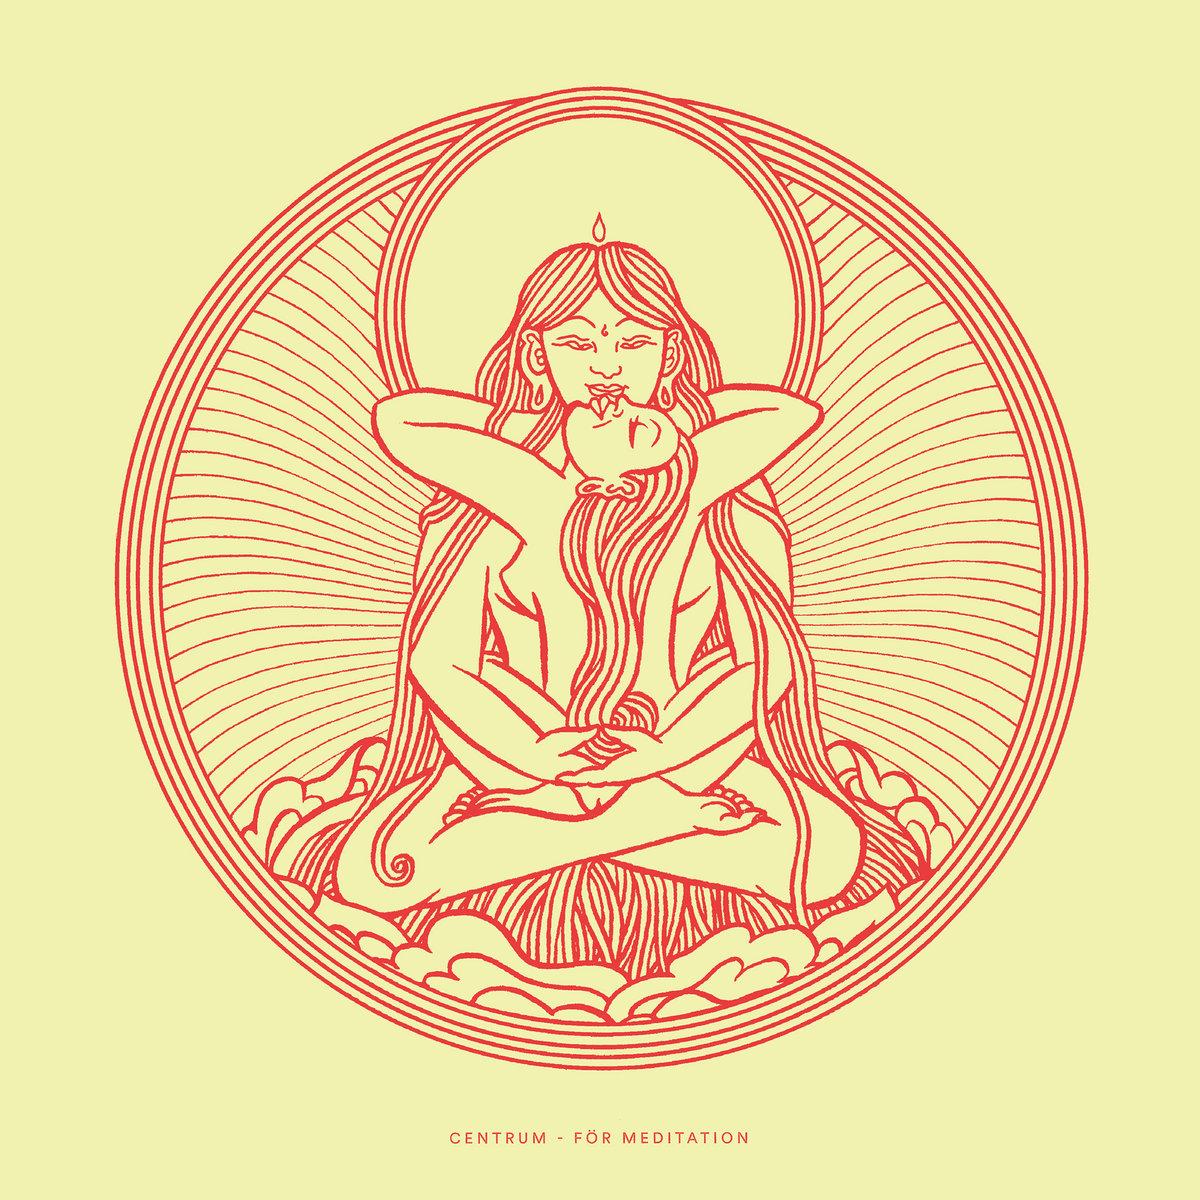 Centrum - För Meditation